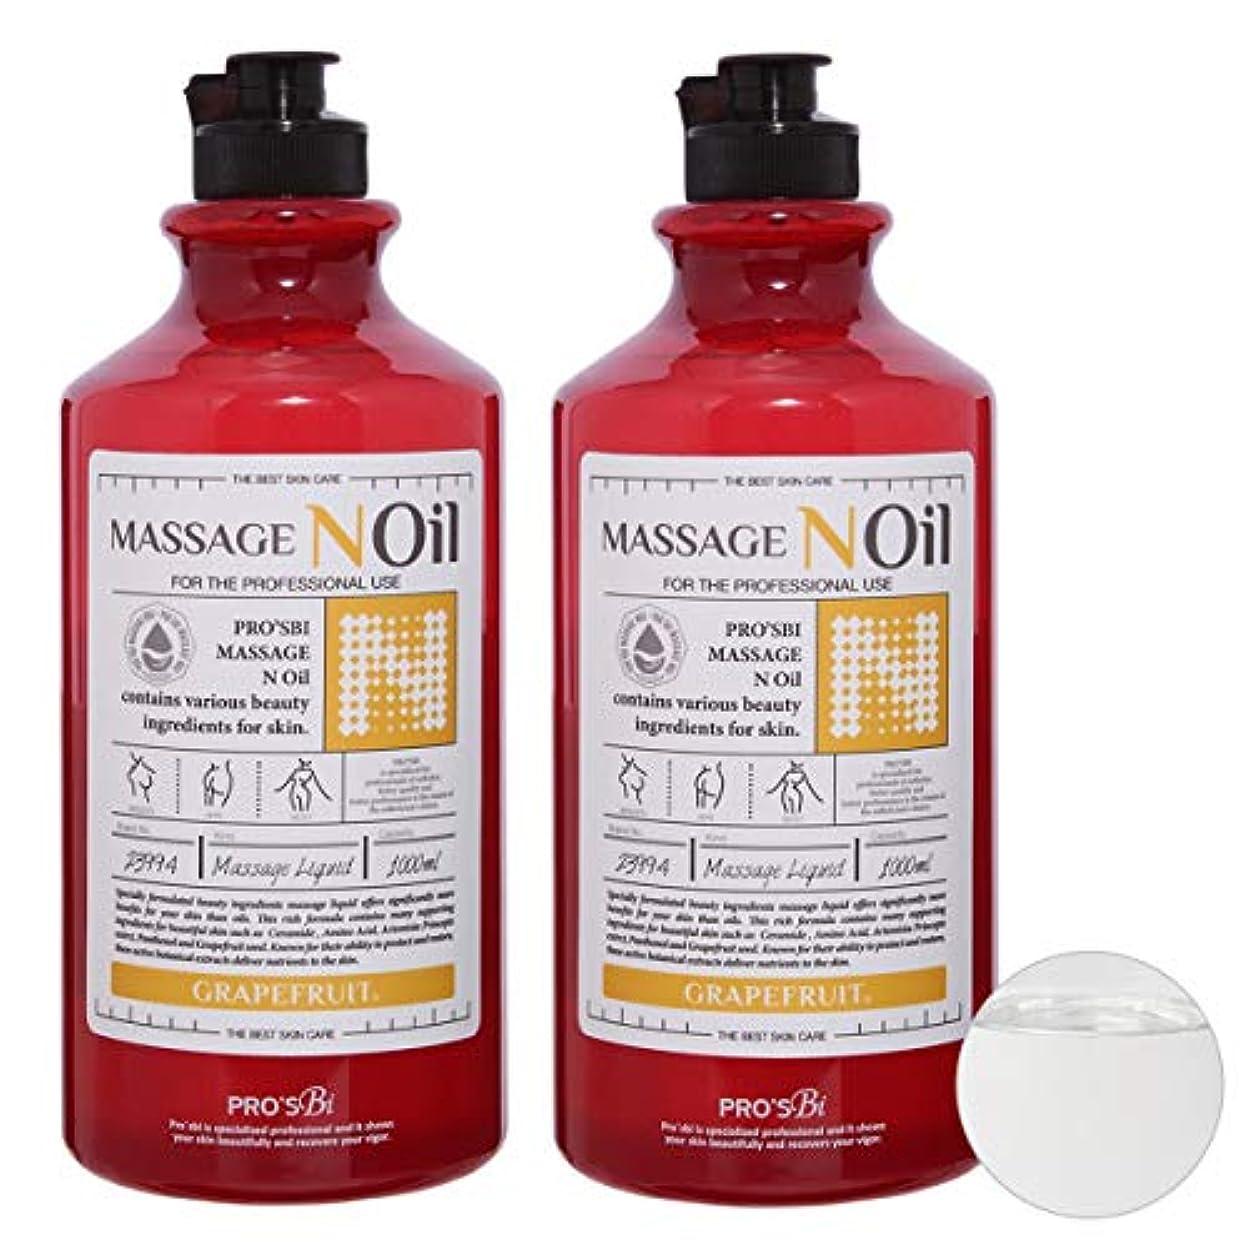 < プロズビ> マッサージノイル グレープフルーツ 1L (2個セット) [ オイルフリー マッサージオイル マッサージジェル ボディマッサージオイル ボディオイル アロママッサージオイル マッサージリキッド グリセリン 水溶性 敏感肌 業務用 ]